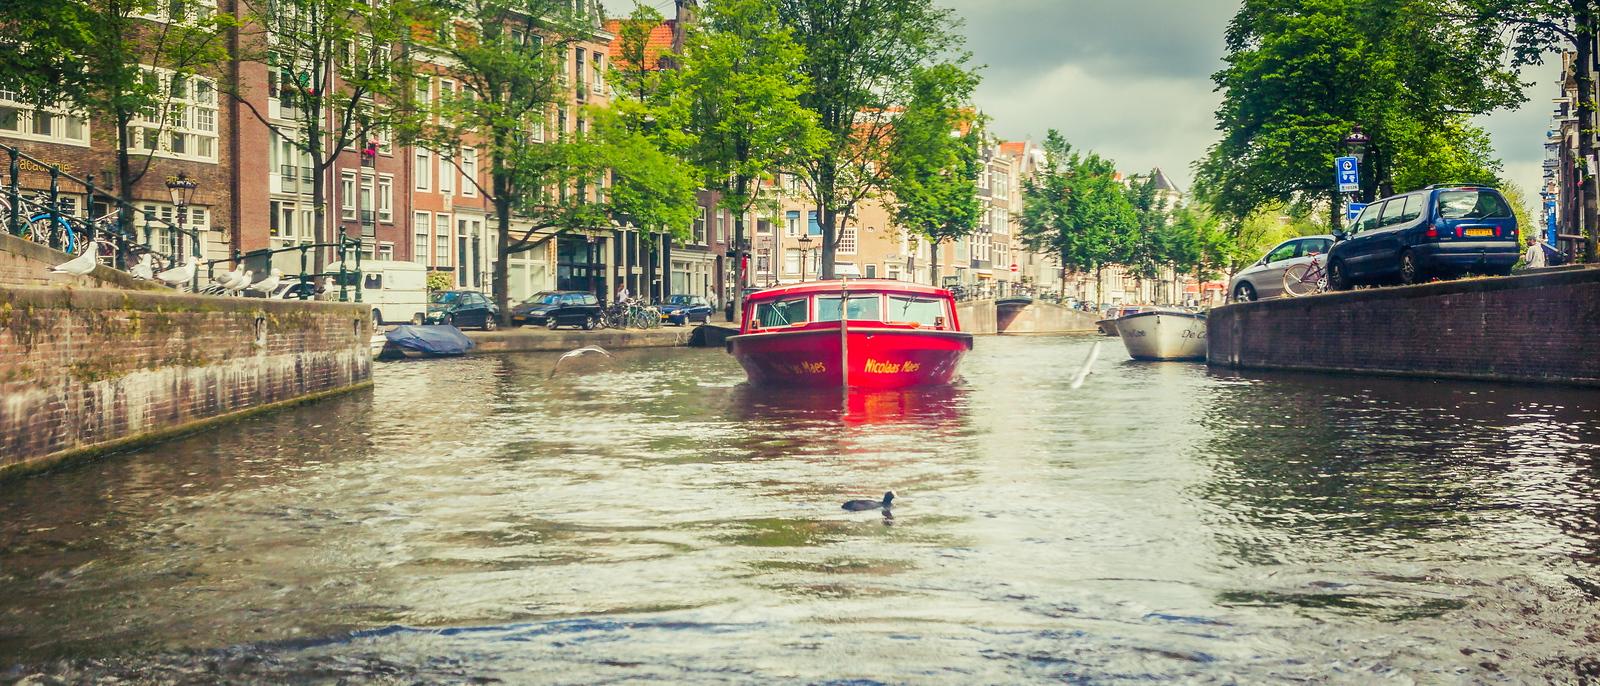 荷兰阿姆斯特丹,坐游船看老城